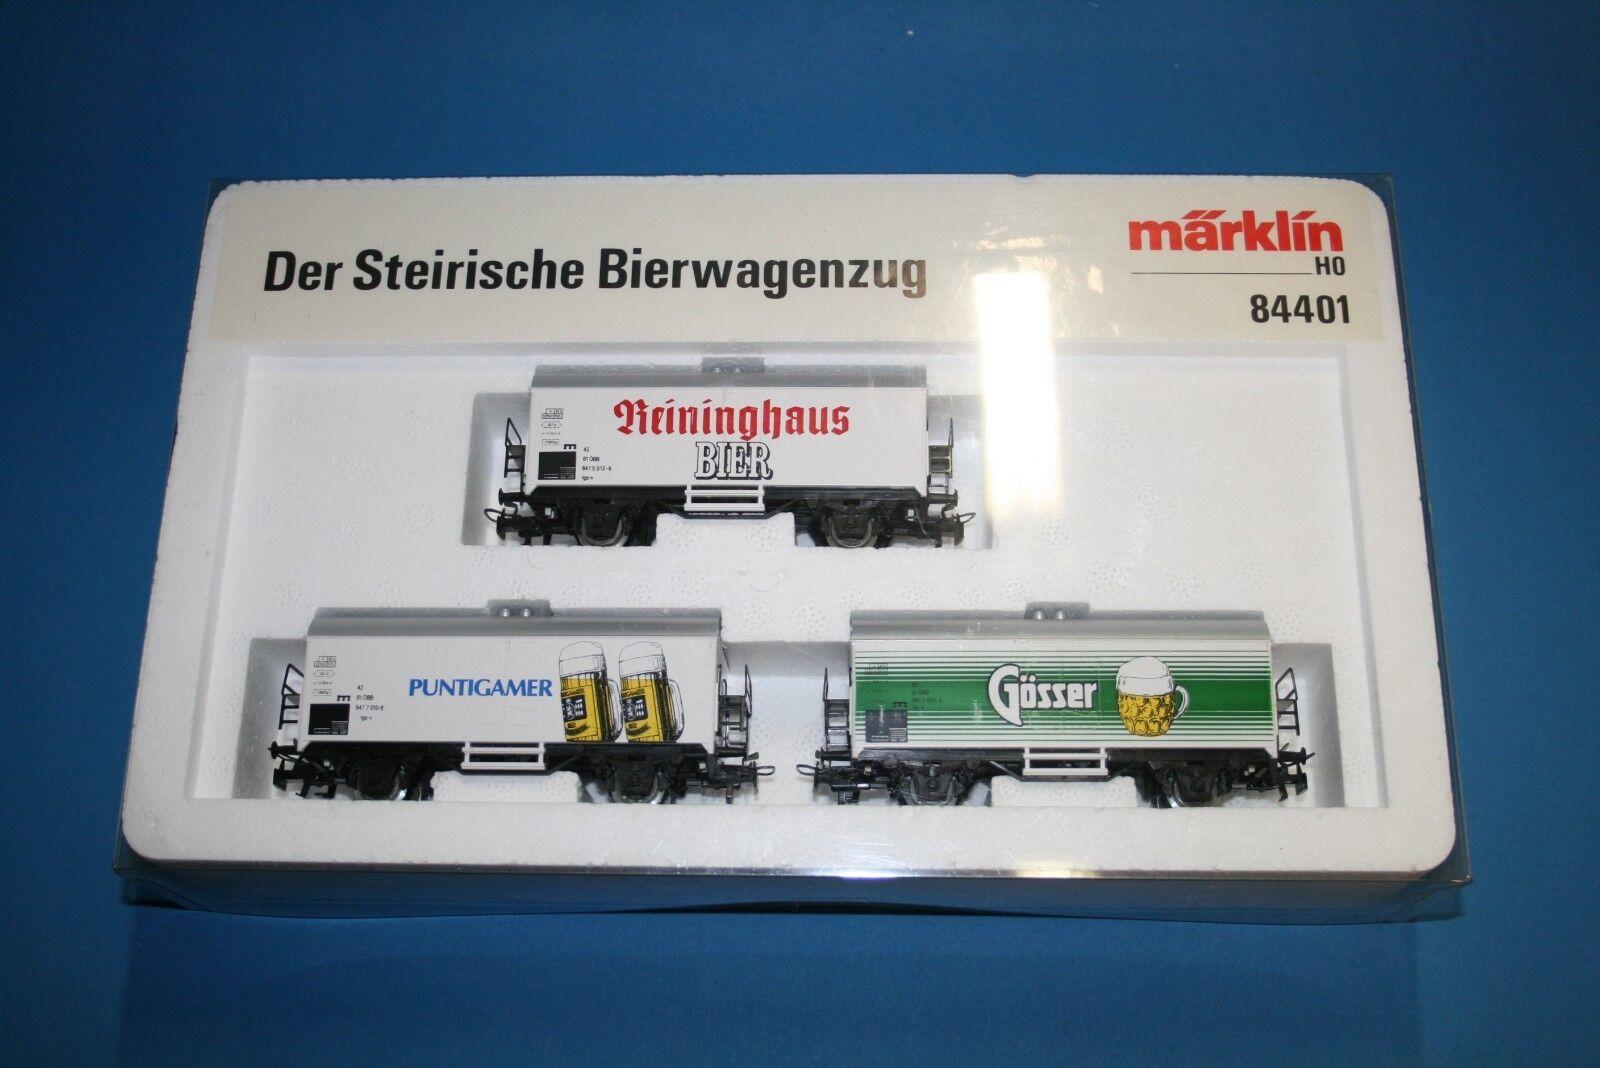 M&B Marklin Ho 84401 le der steirische bierwagenzug ÖBB